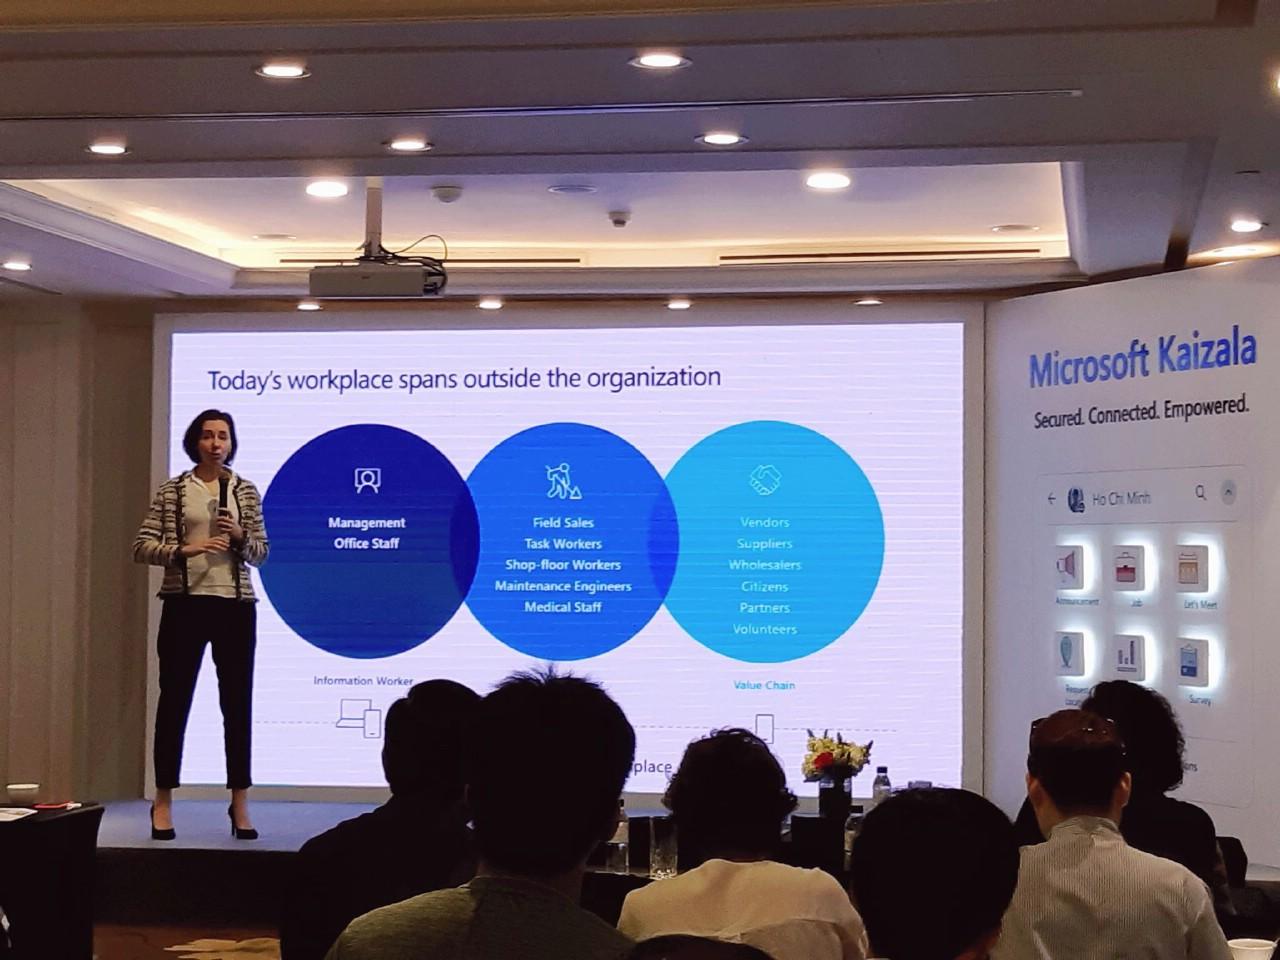 Ứng dụng Microsoft Kaizala sẽ mang đến những tính năng hoàn toàn mới dành cho doanh nghiệp, tích hợp với Office 365.